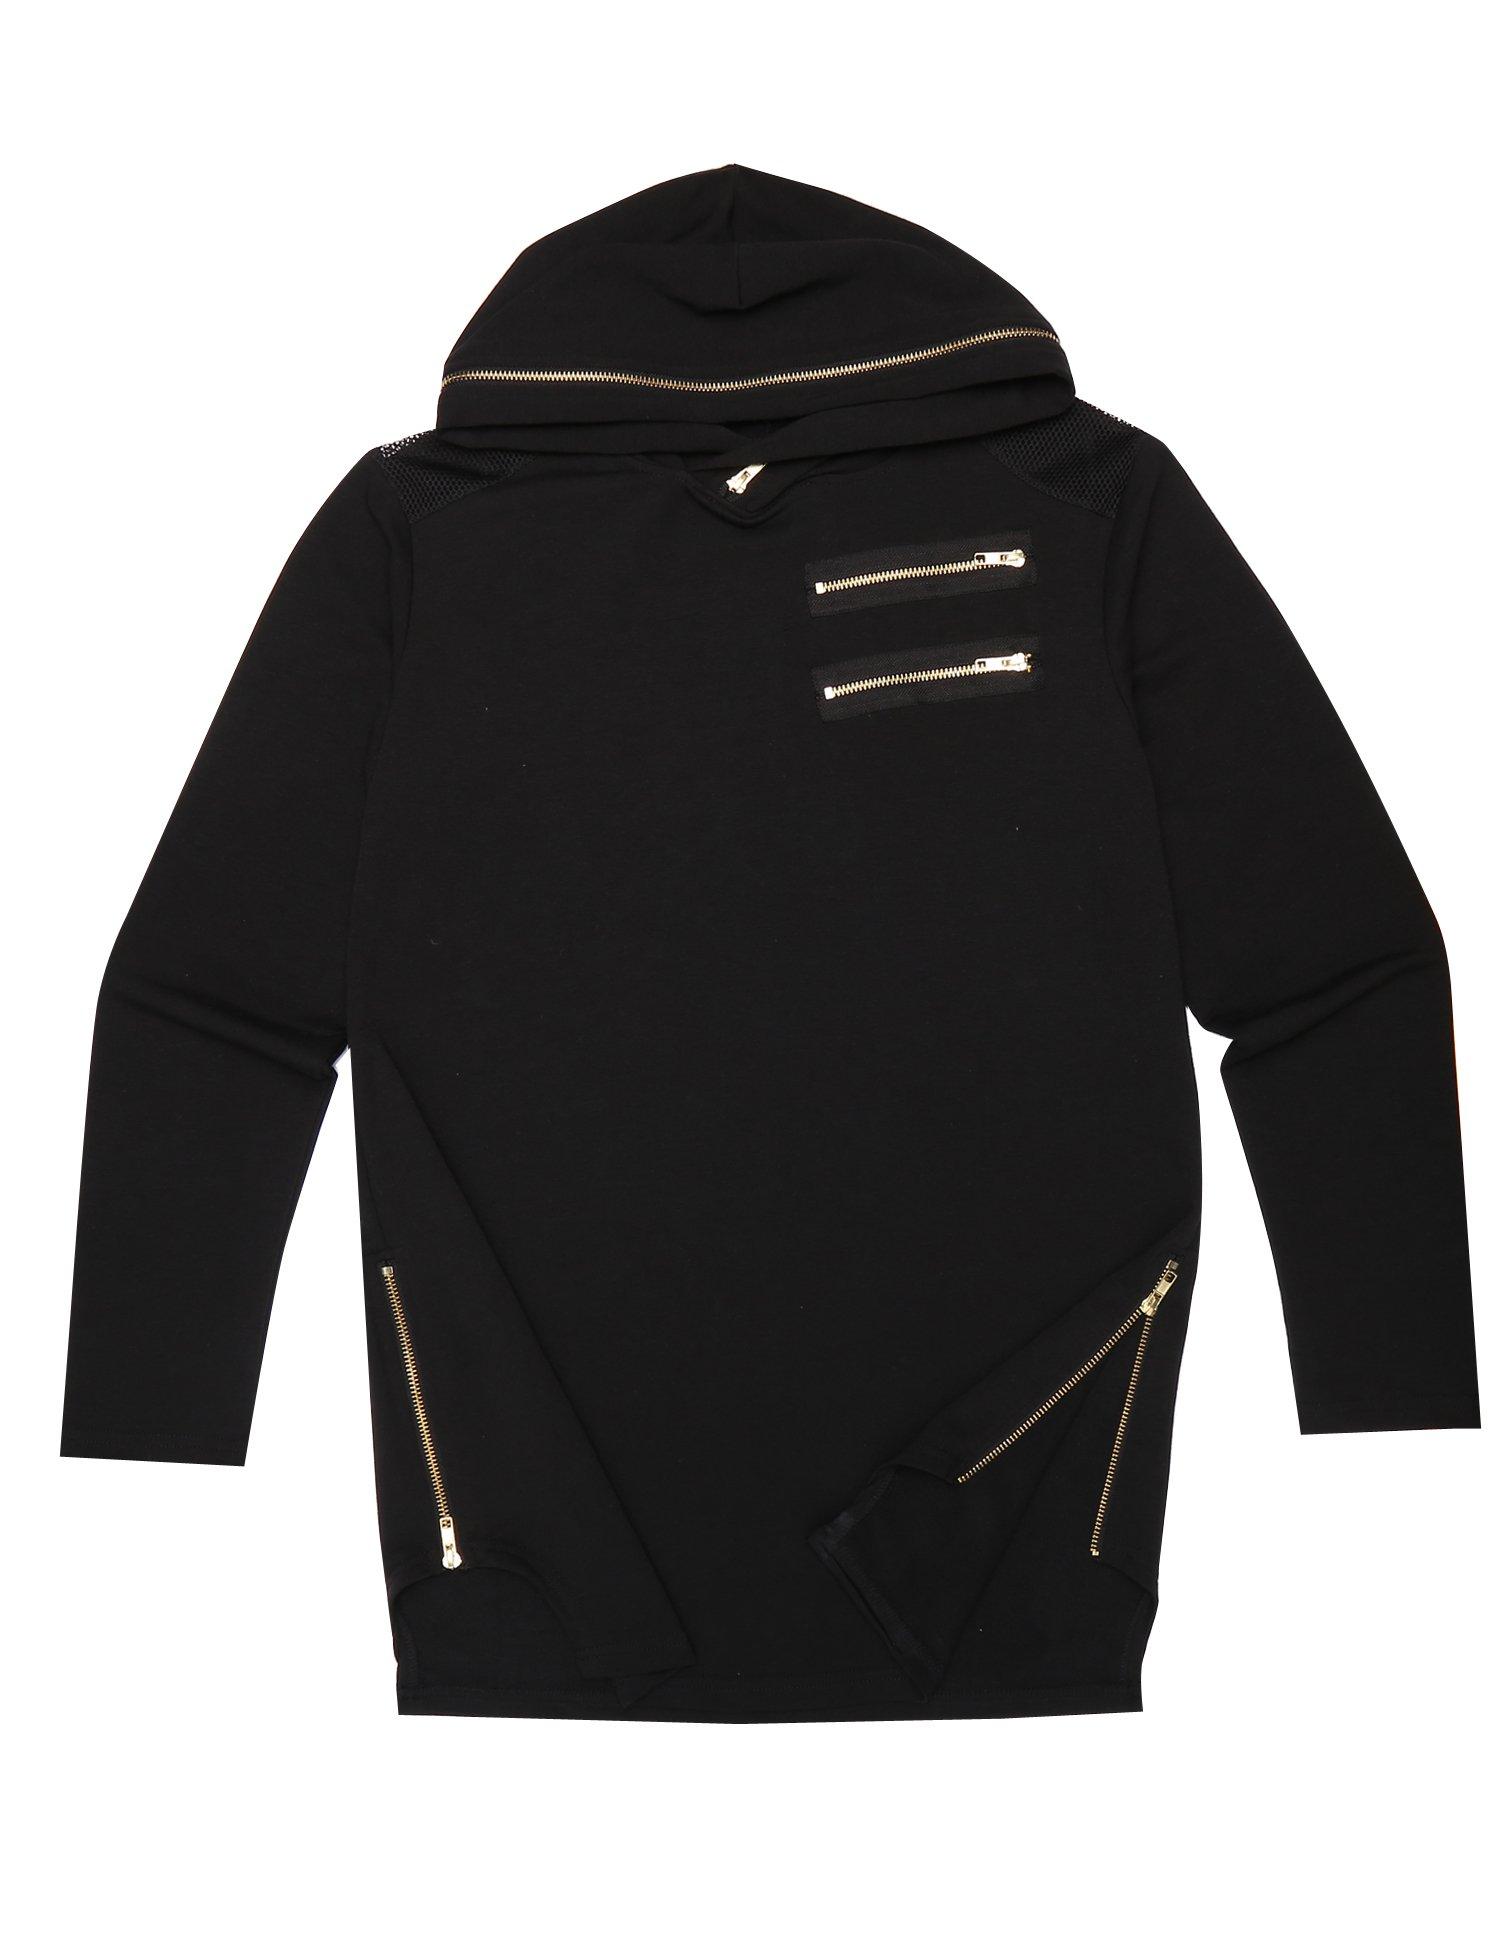 Coofandy Men's Hipster Hip-hop Long Street T Shirt With Gold Zipper